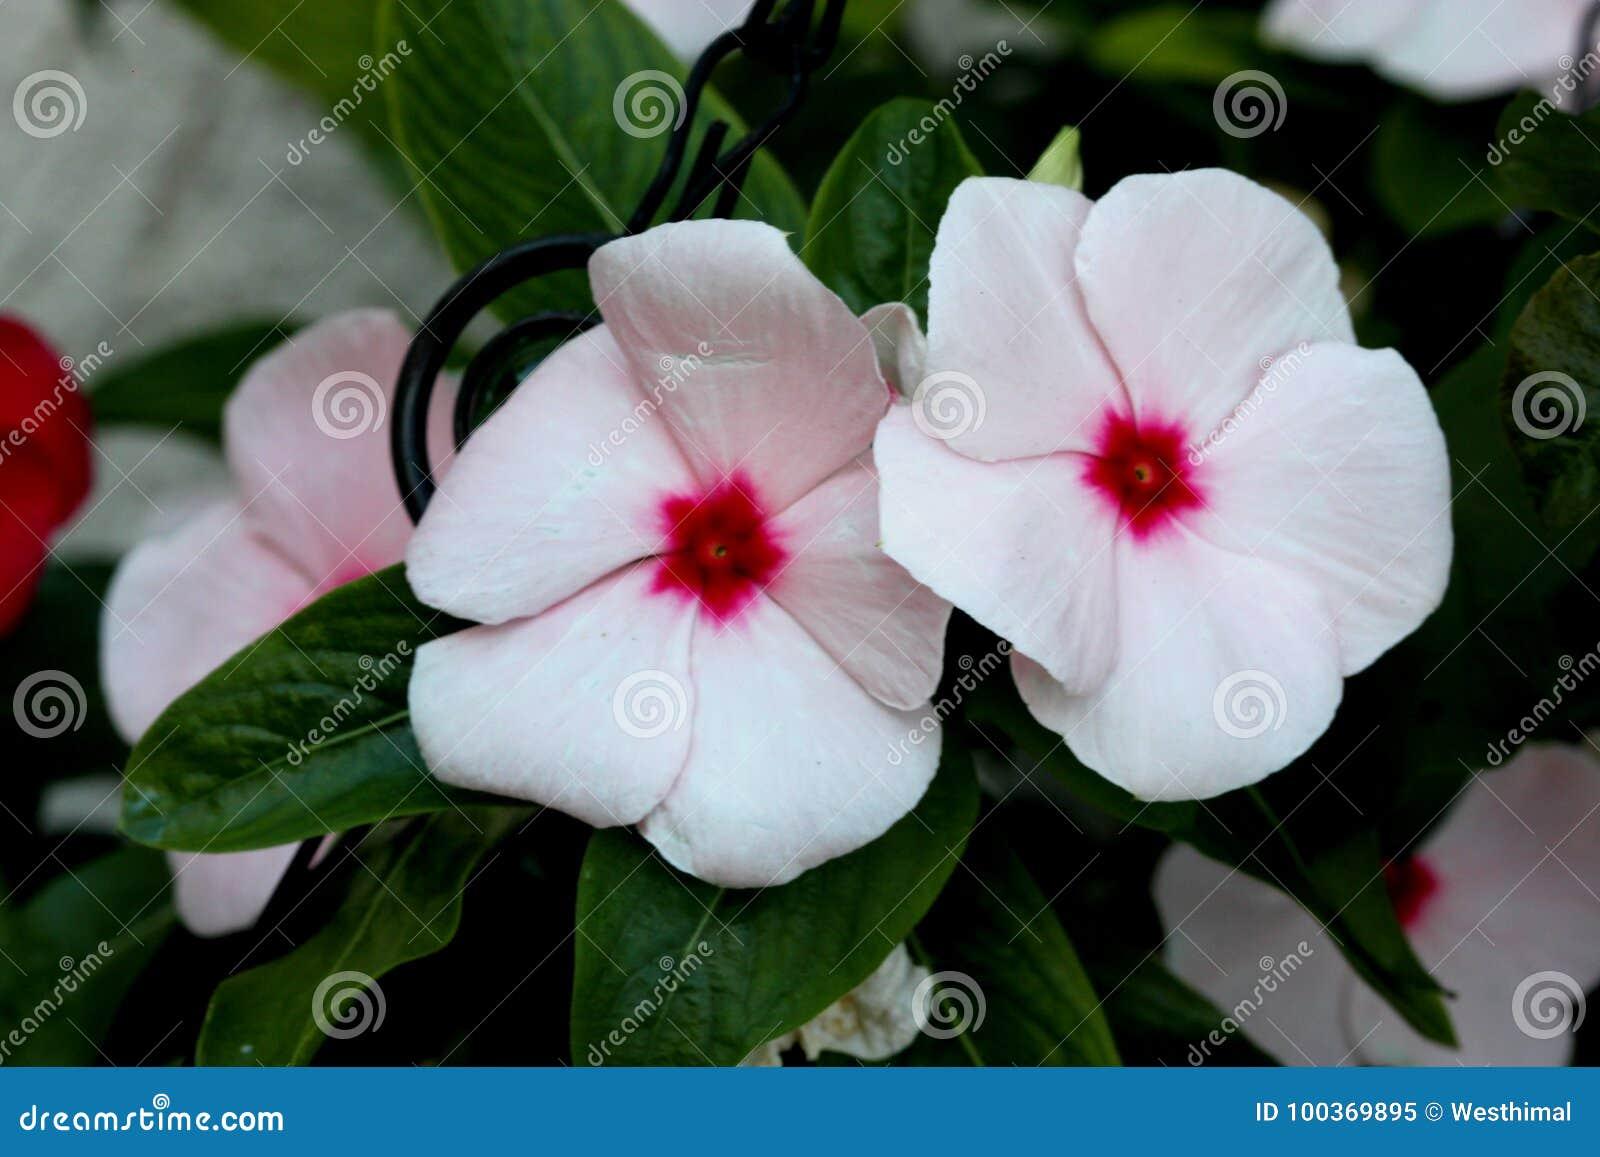 Catharanthus Roseus White Madagascar Periwinkle Vinca Rosea Stock